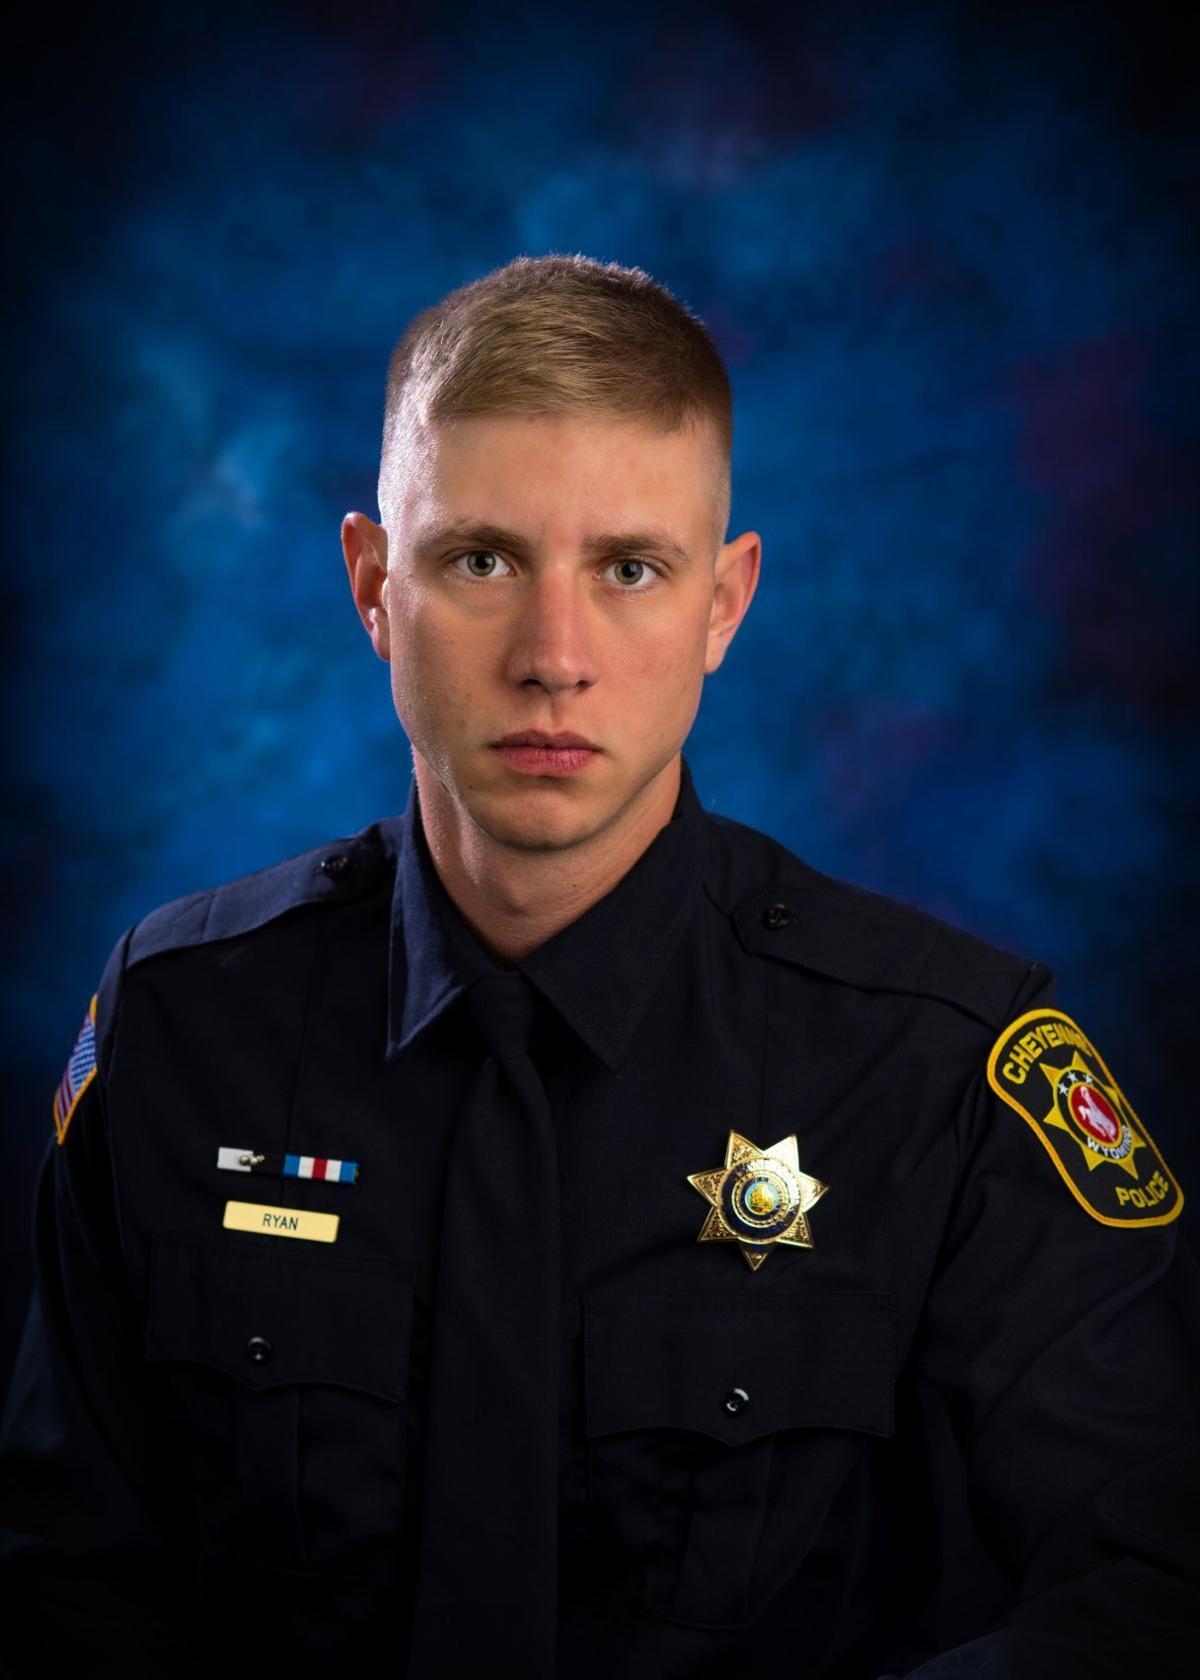 Ryan, Officer Matt (CPD)